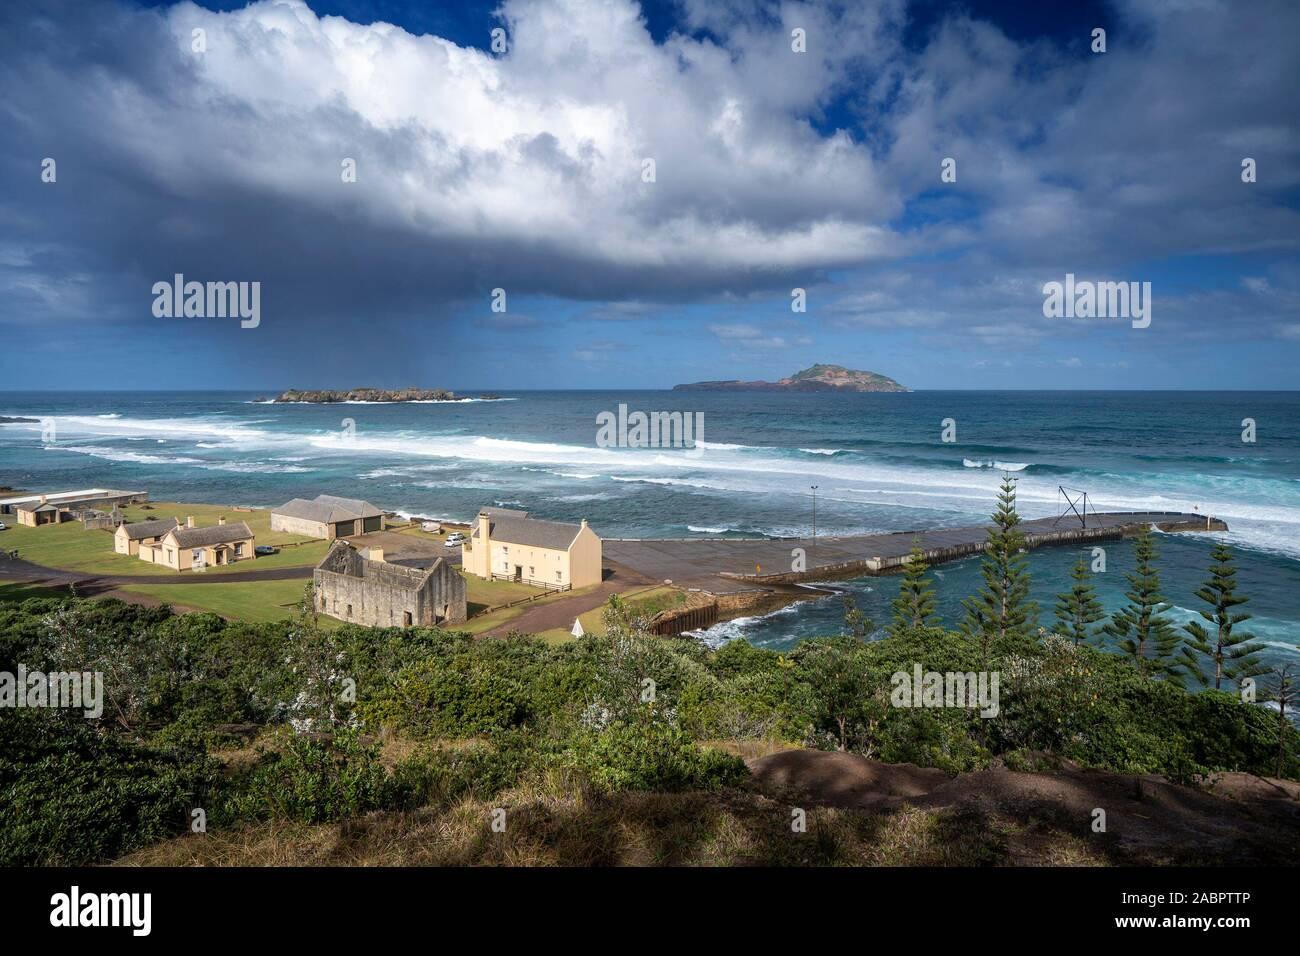 Kingston y Arthur's Vale Zona Histórica, uno de los 11 sitios que conforman el australiano condenar a los sitios del Patrimonio Mundial. La Isla de Norfolk. Foto de stock